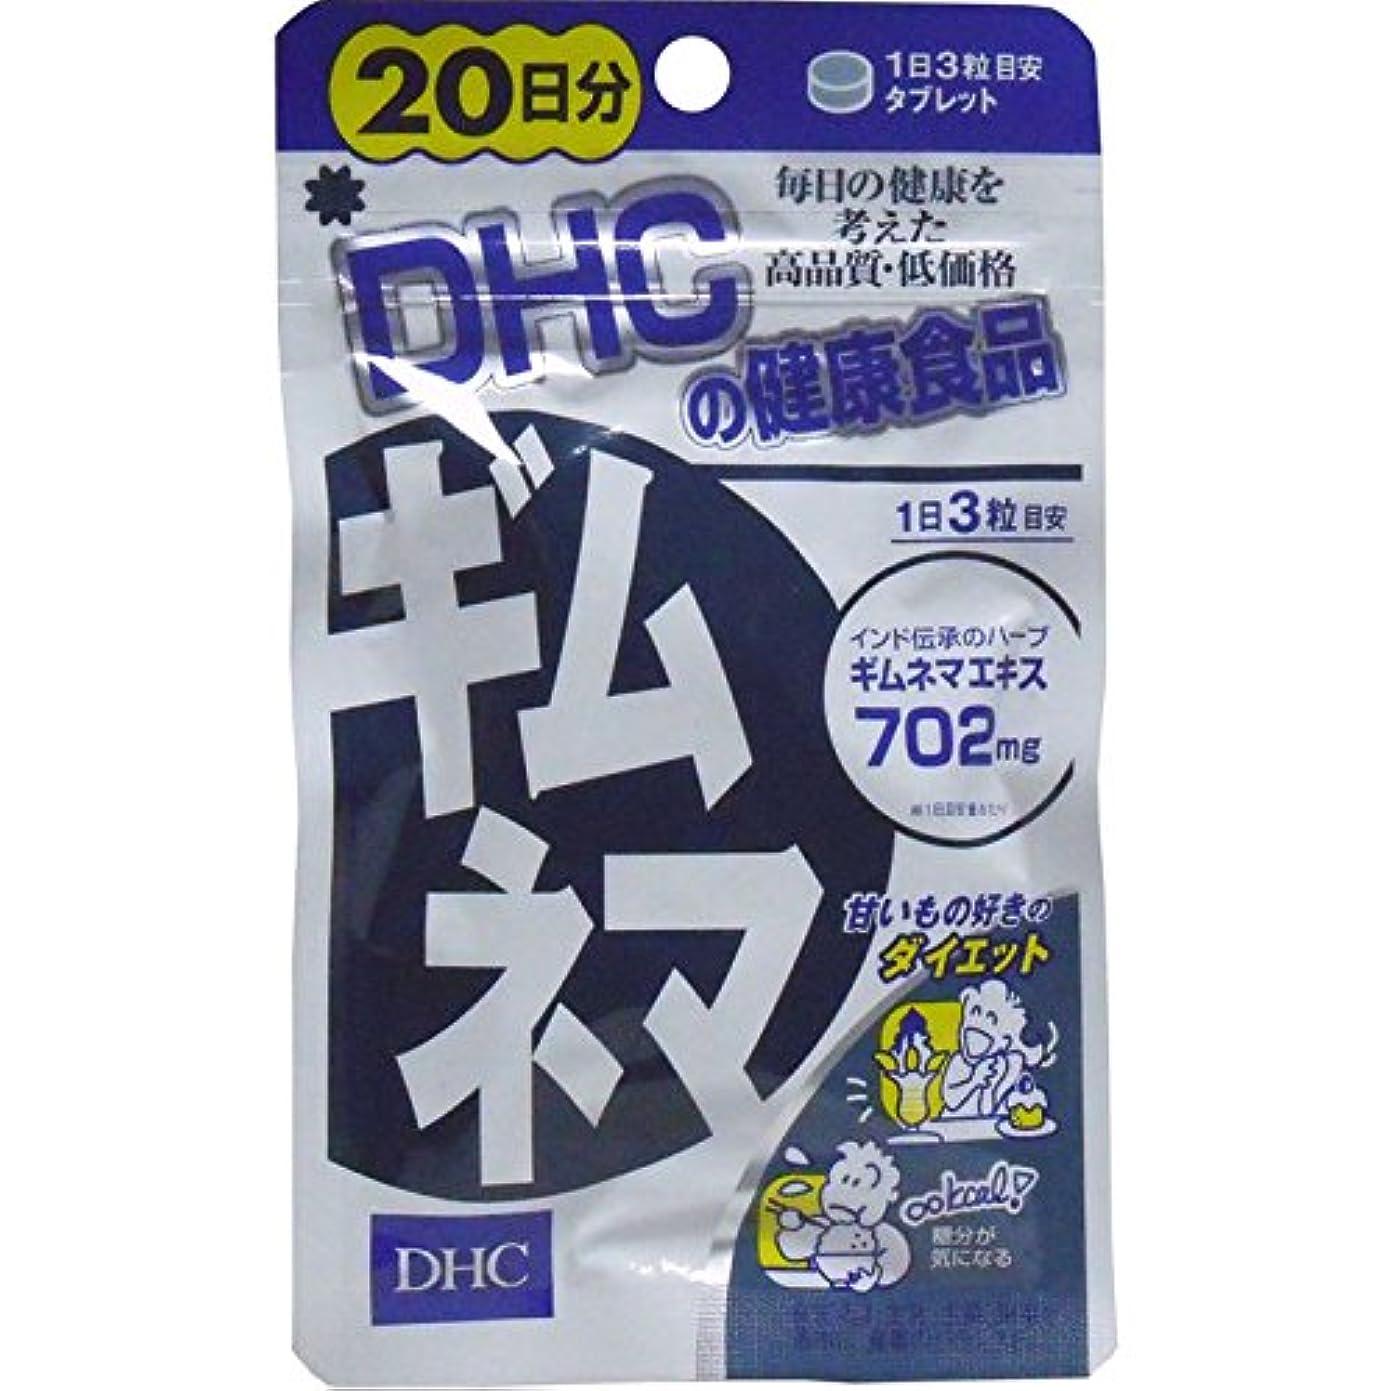 の前でぐるぐるあたり我慢せずに余分な糖分をブロック DHC ギムネマ 20日分 60粒